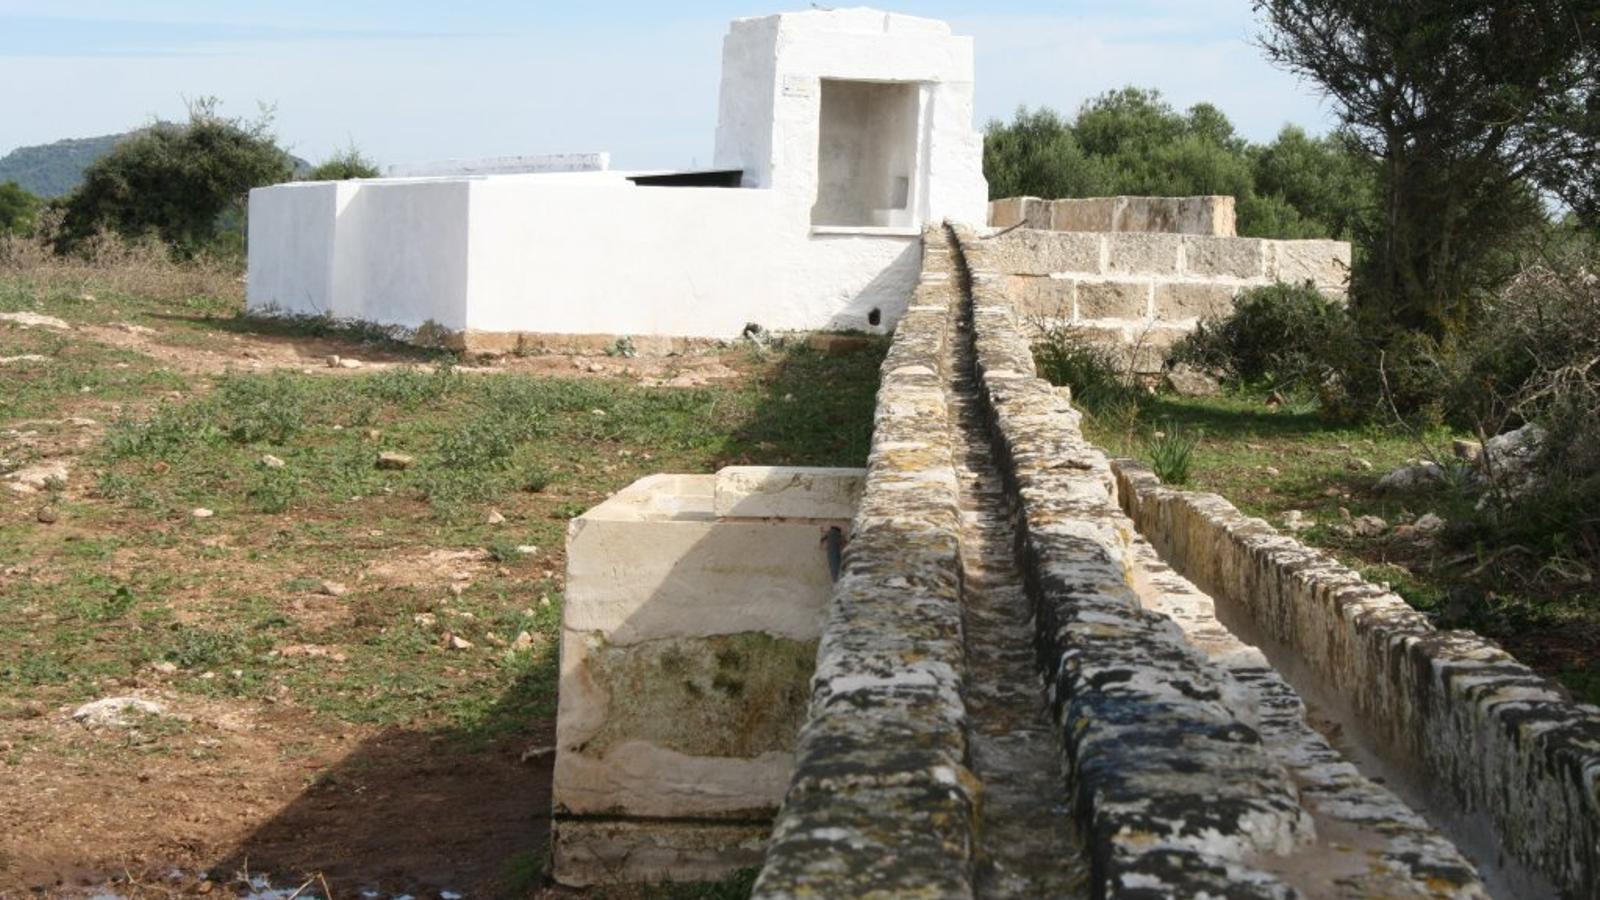 Els aljubs són una prioritat pel GOB i donar solució a la problemàtica de l'aigua que pateix Menorca.